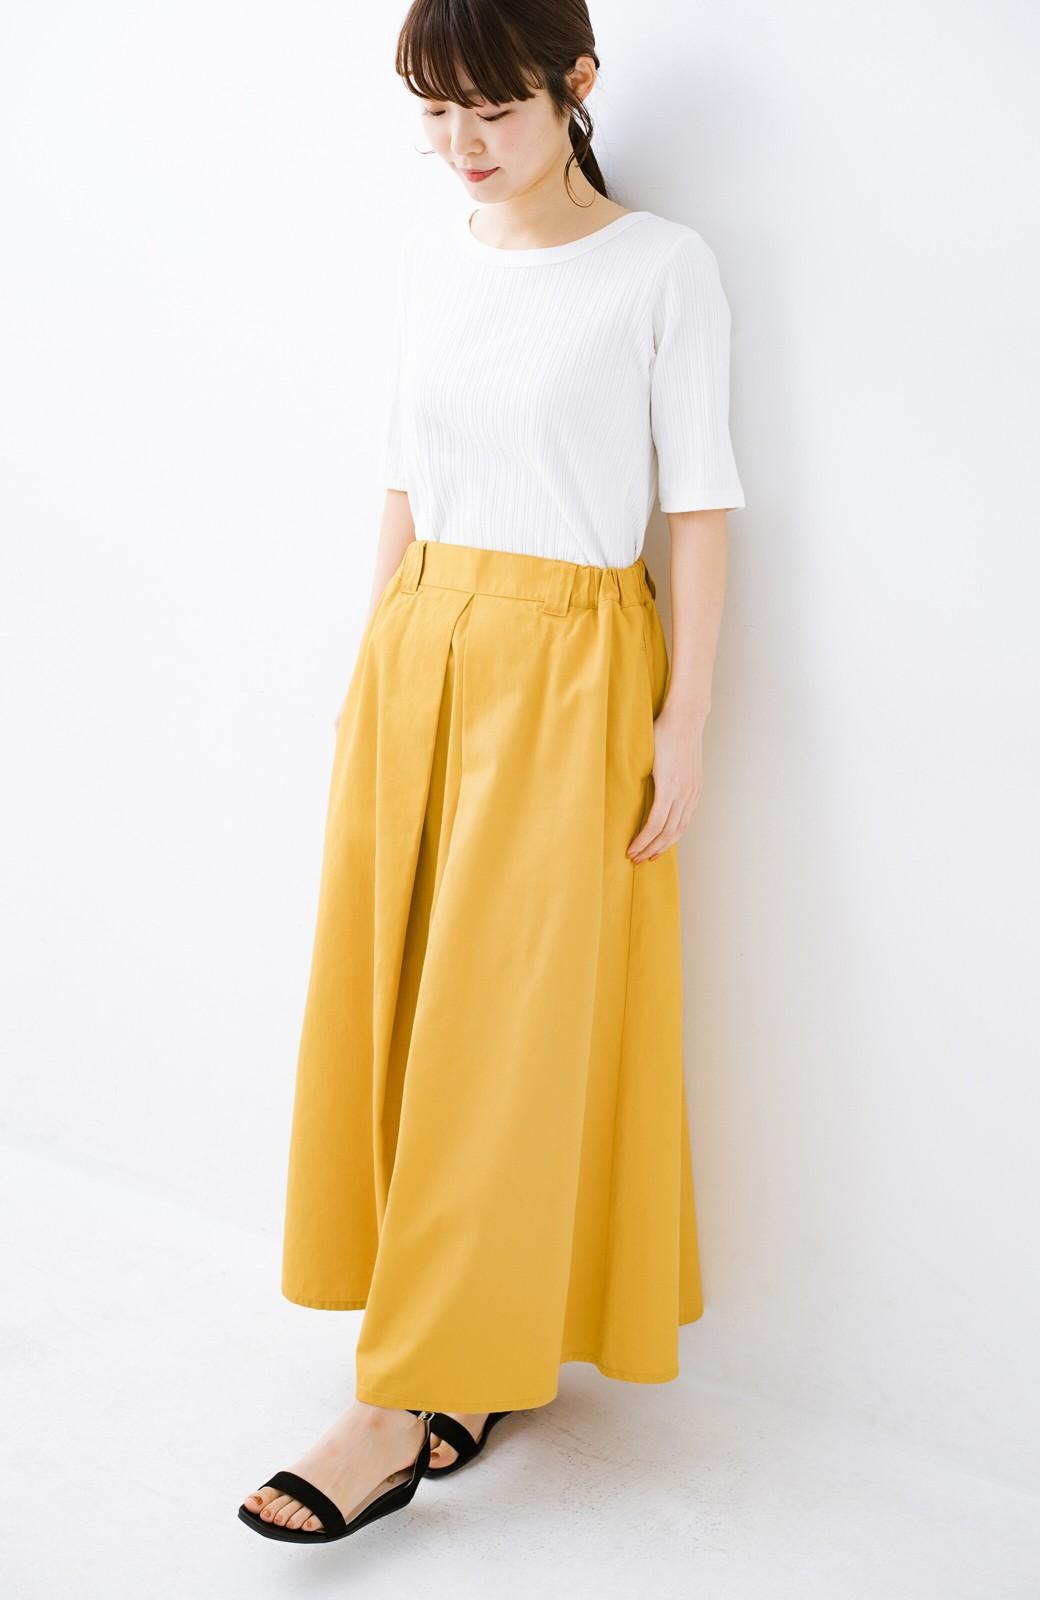 haco! ロングシーズン楽しめる タックボリュームのチノロングスカート <イエロー>の商品写真17